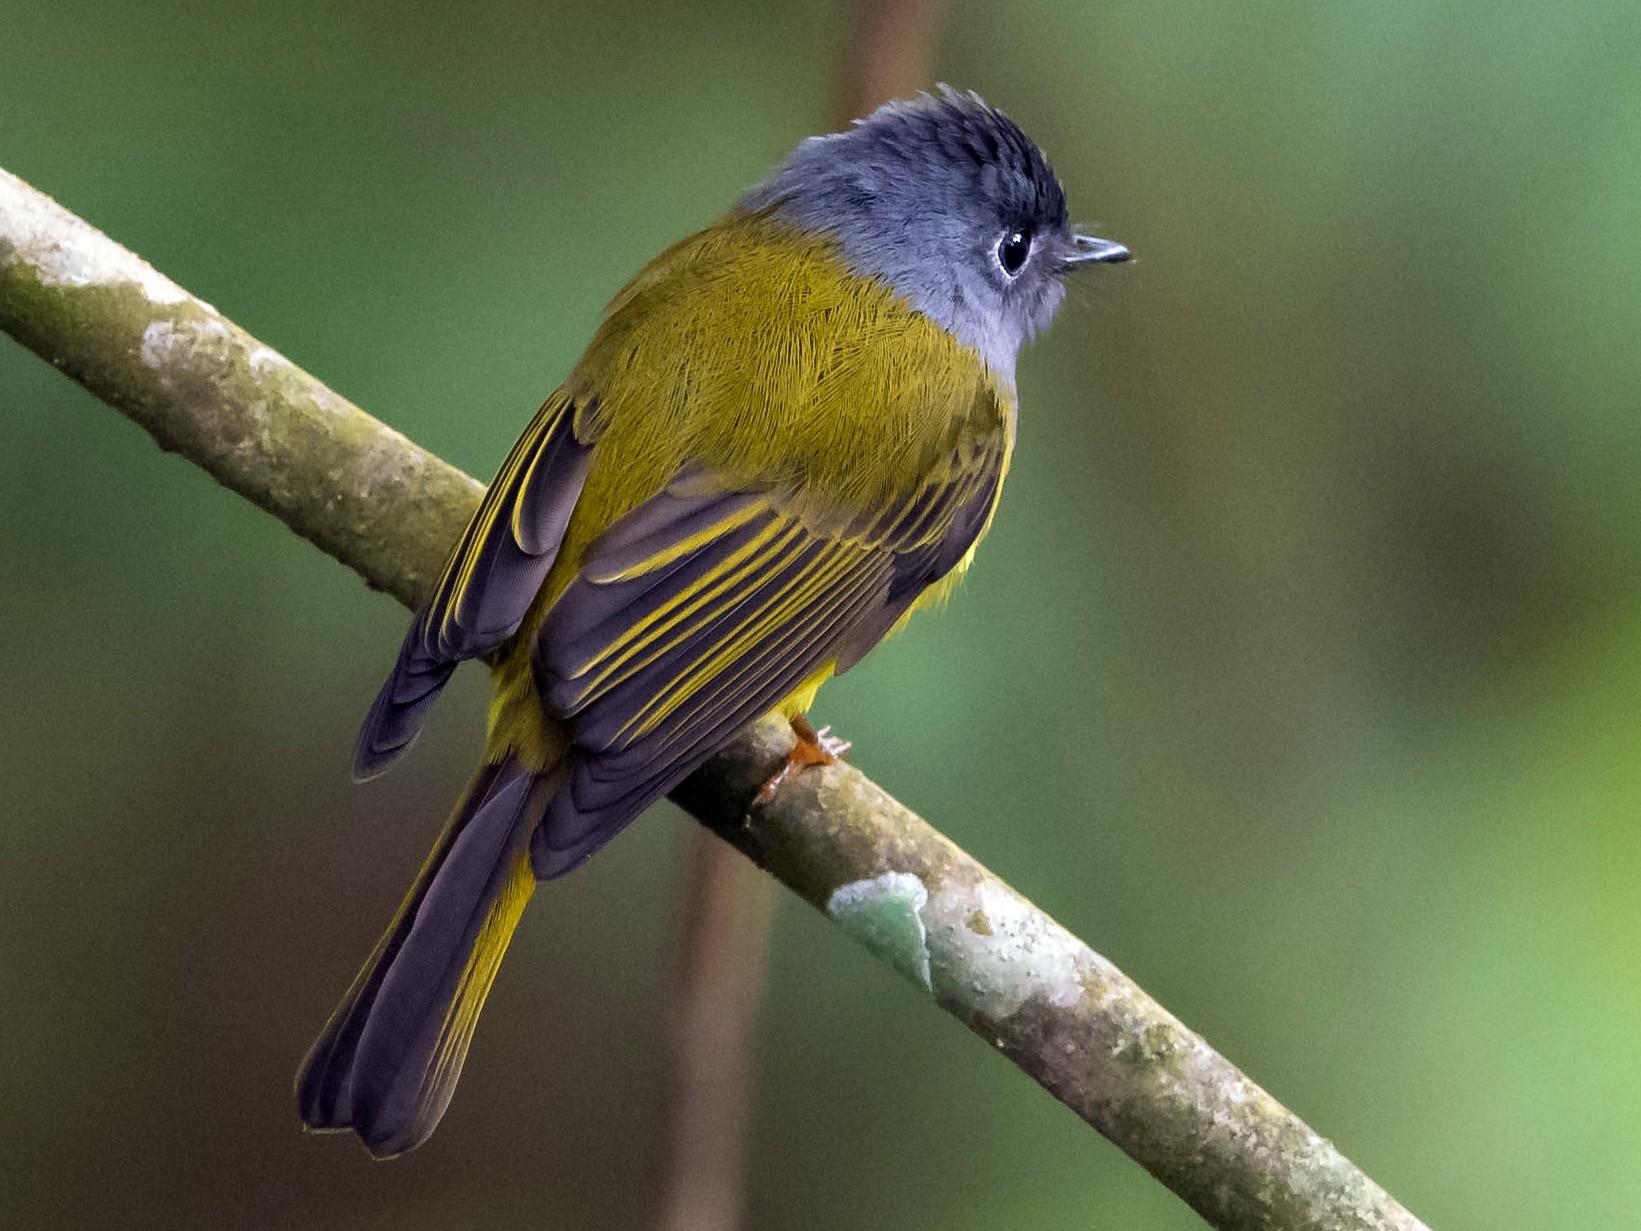 Gray-headed Canary-Flycatcher - Prashant Tewari